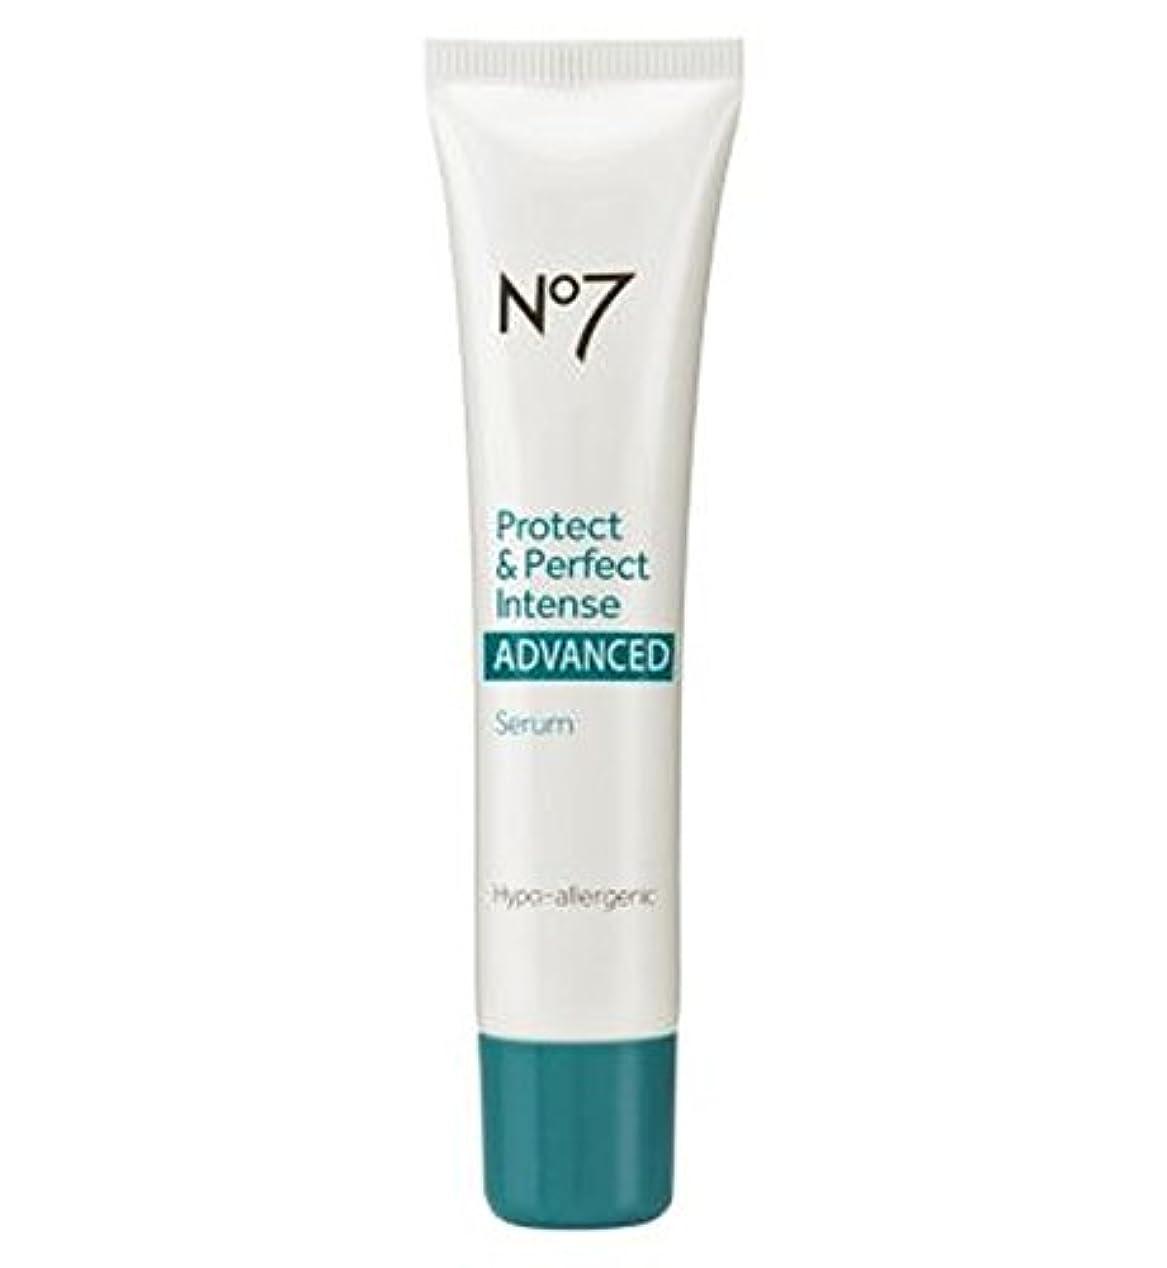 ボードプライム離婚No7保護&完璧な強烈な高度な血清30ミリリットル (No7) (x2) - No7 Protect & Perfect Intense ADVANCED Serum 30ml (Pack of 2) [並行輸入品]